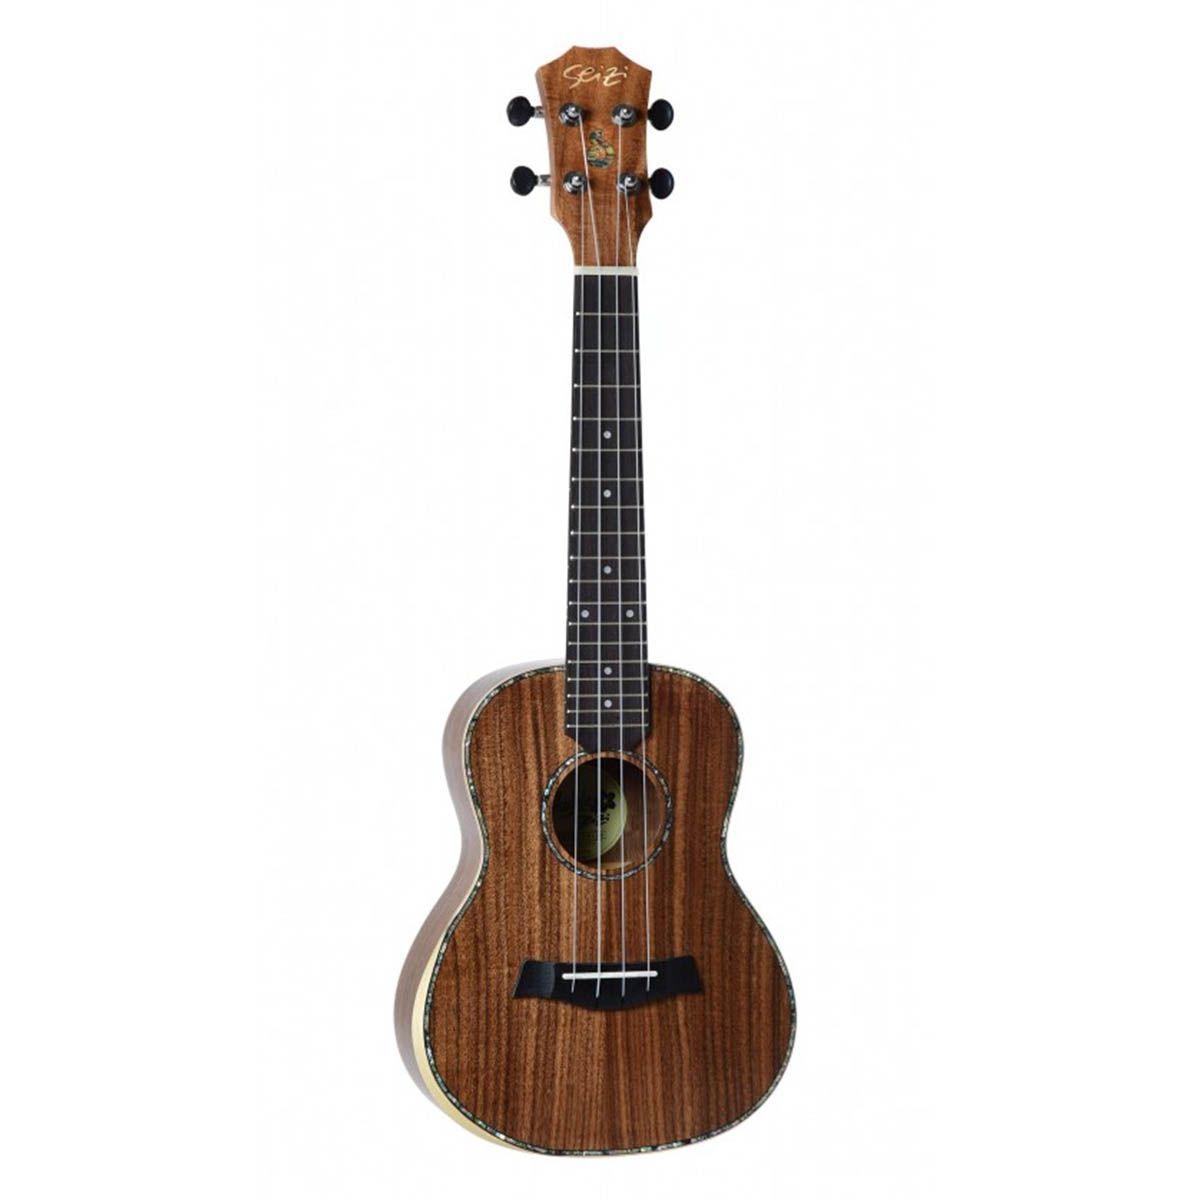 Ukulele Acústico Seizi Kauai Concert Koa com Bag